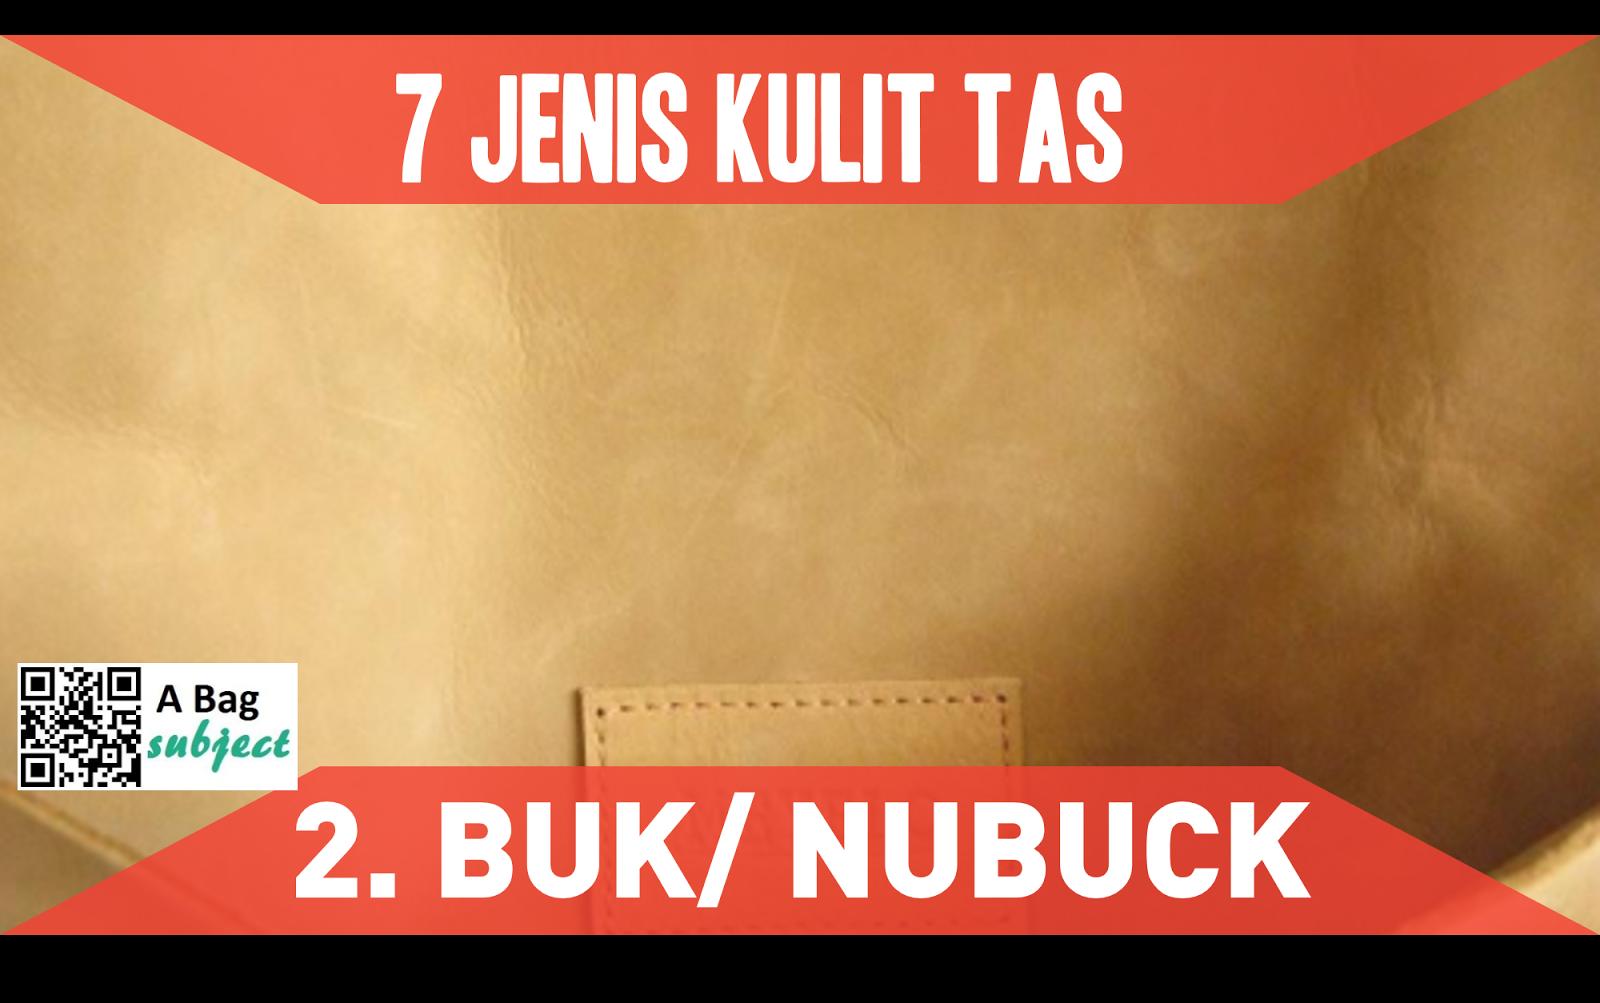 Jenis kulit PUK   NOBUCK mirip dengan tipe suede. Bedanya adalah dalam  proses pembuatannya. Tidak seperti suede b877a92d66